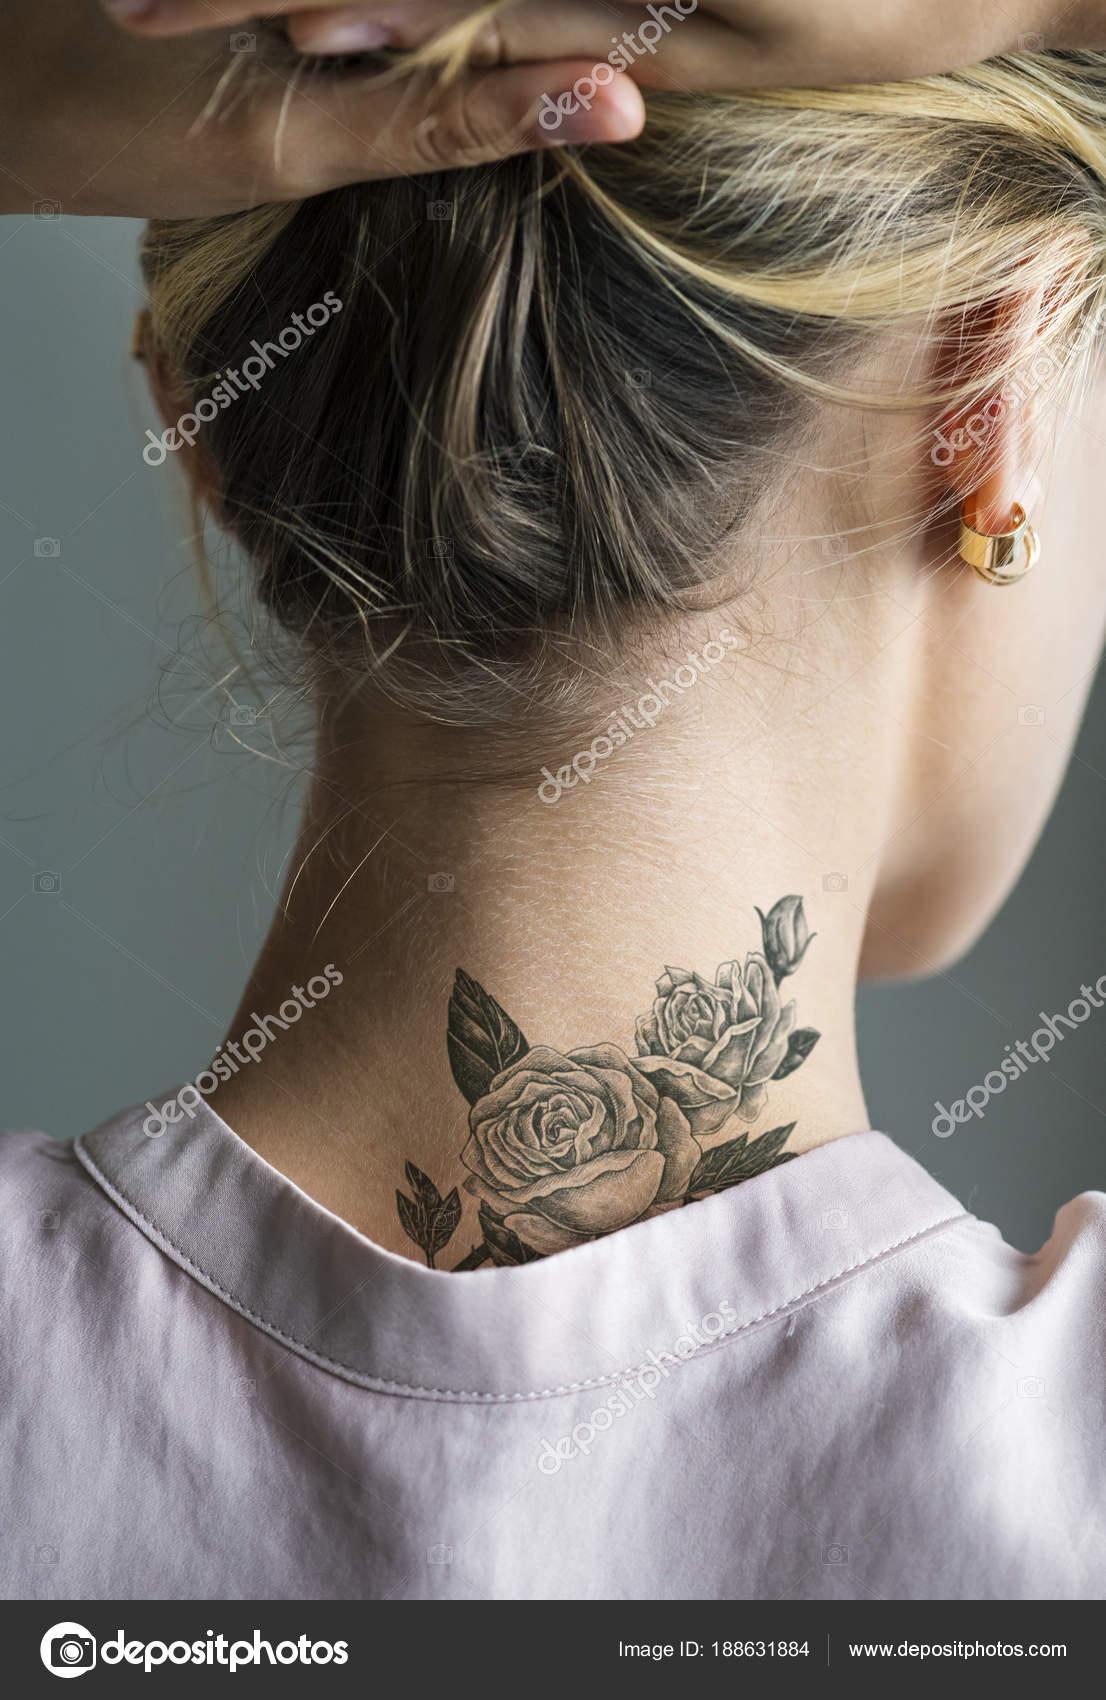 Tatuaż Karku Kobiety Zdjęcie Stockowe Rawpixel 188631884